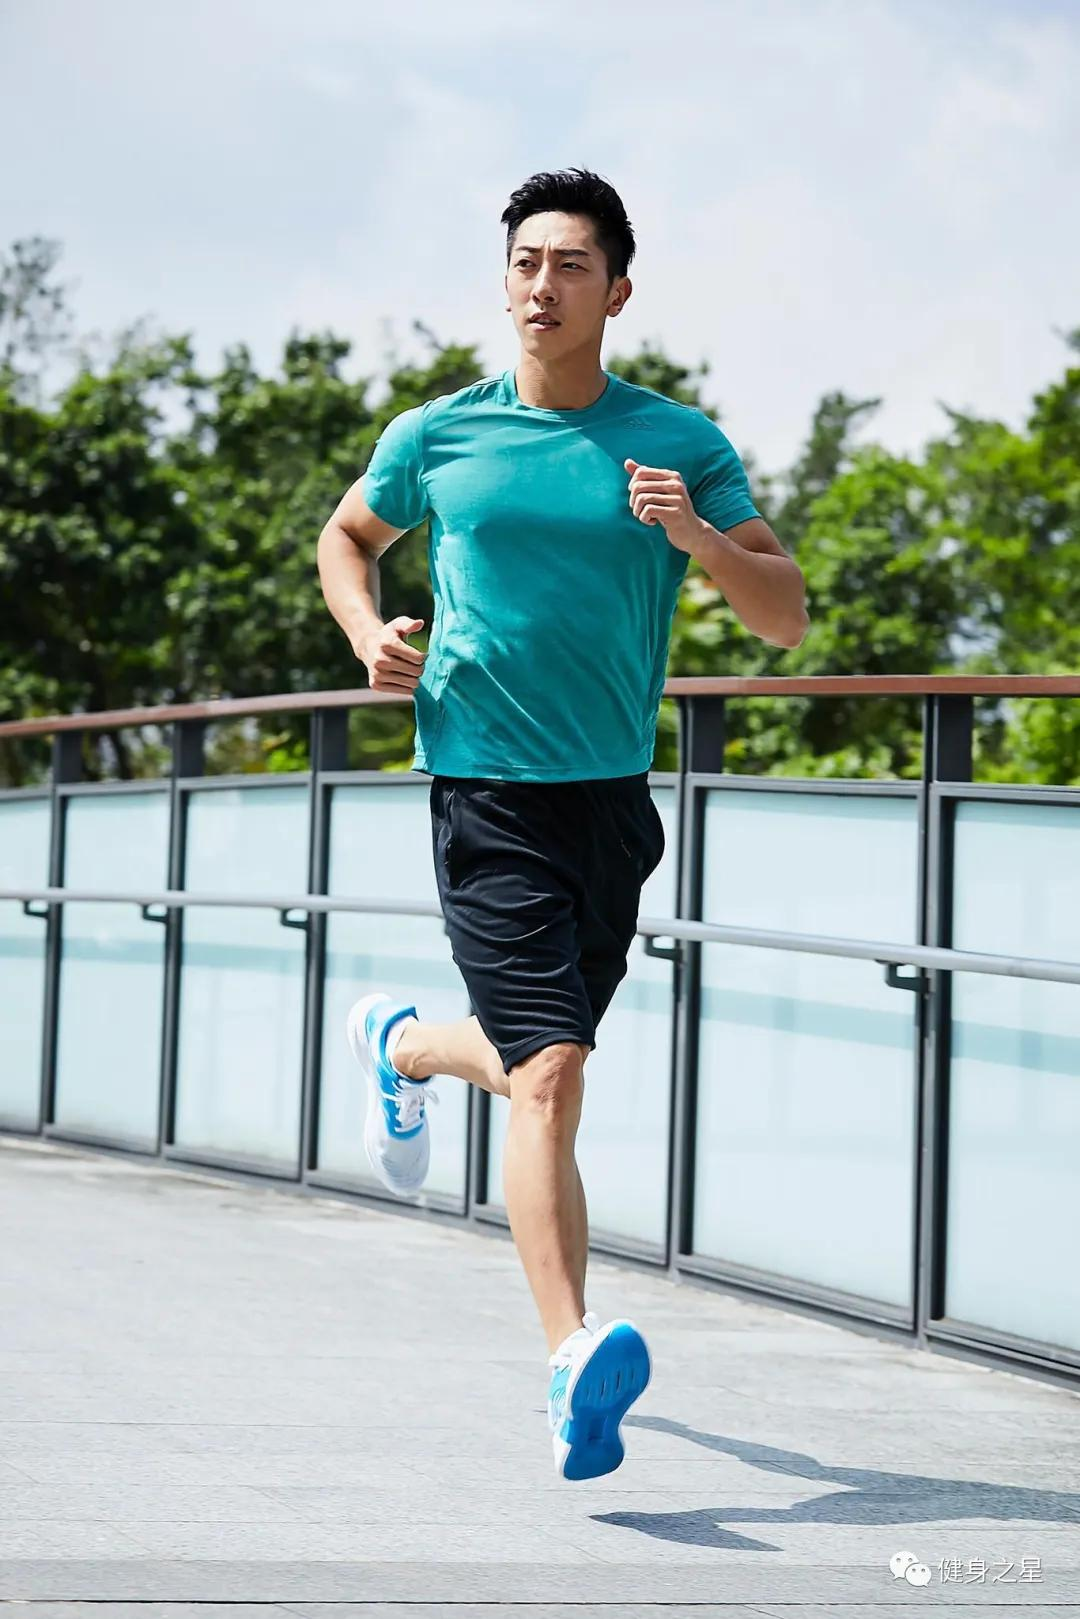 28岁台湾模特,浓眉大眼五官立体,肌肉身材具有视觉冲击